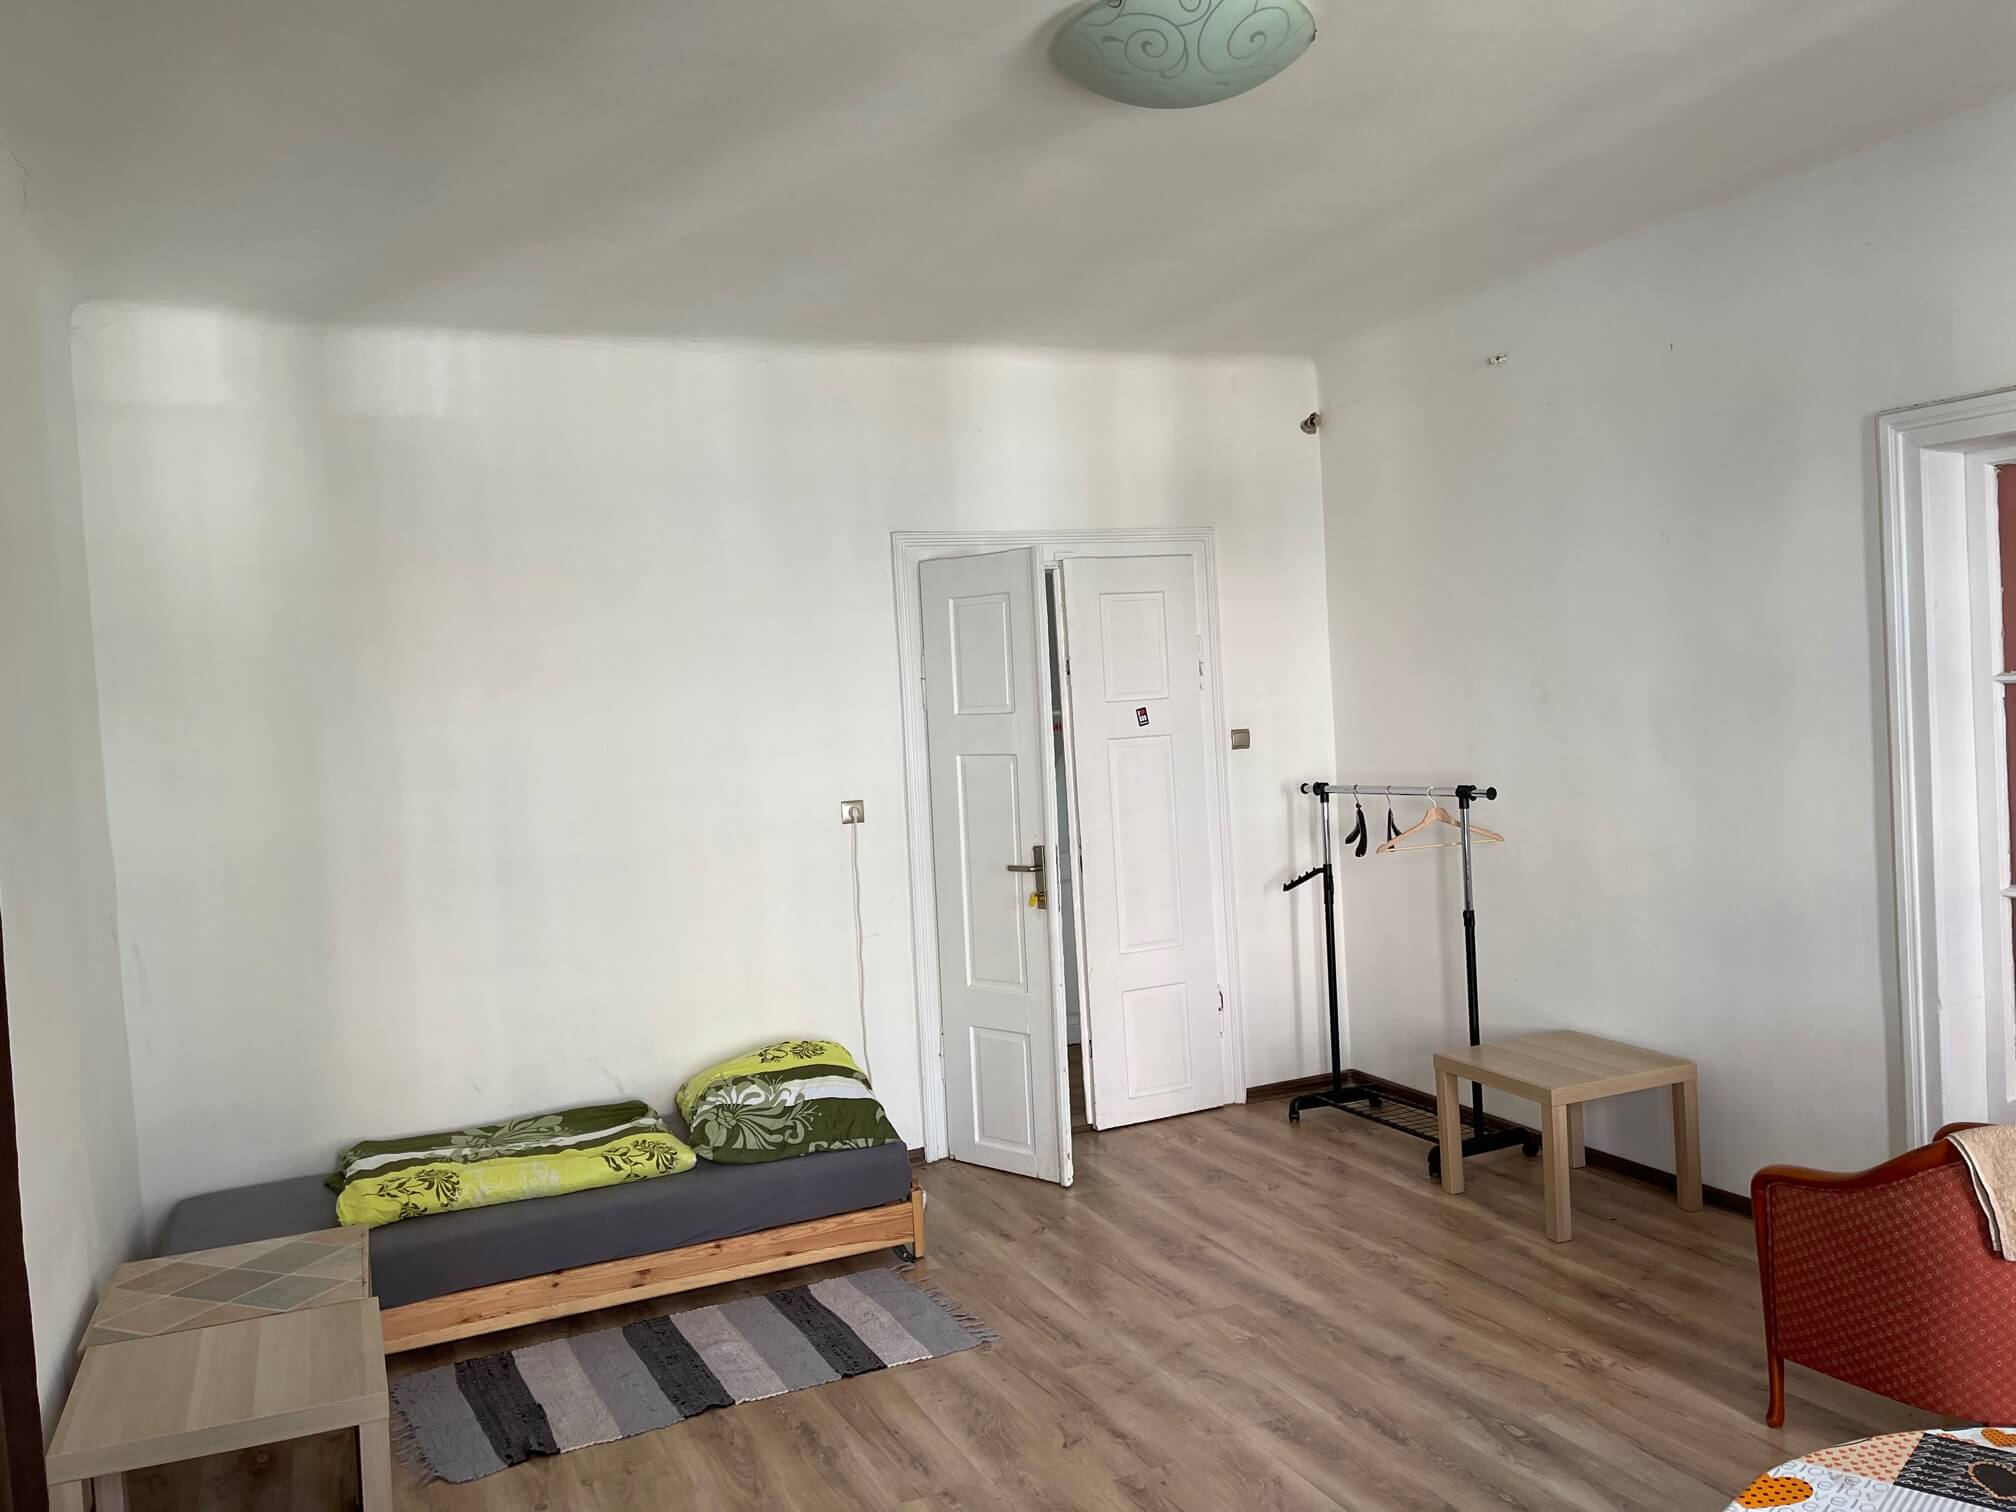 Exkluzívne na prenájom 4 izbový byt,Centrum,Obchodná ulica 36, plocha 130m2,zariadený,aj jednotlivo izby-1